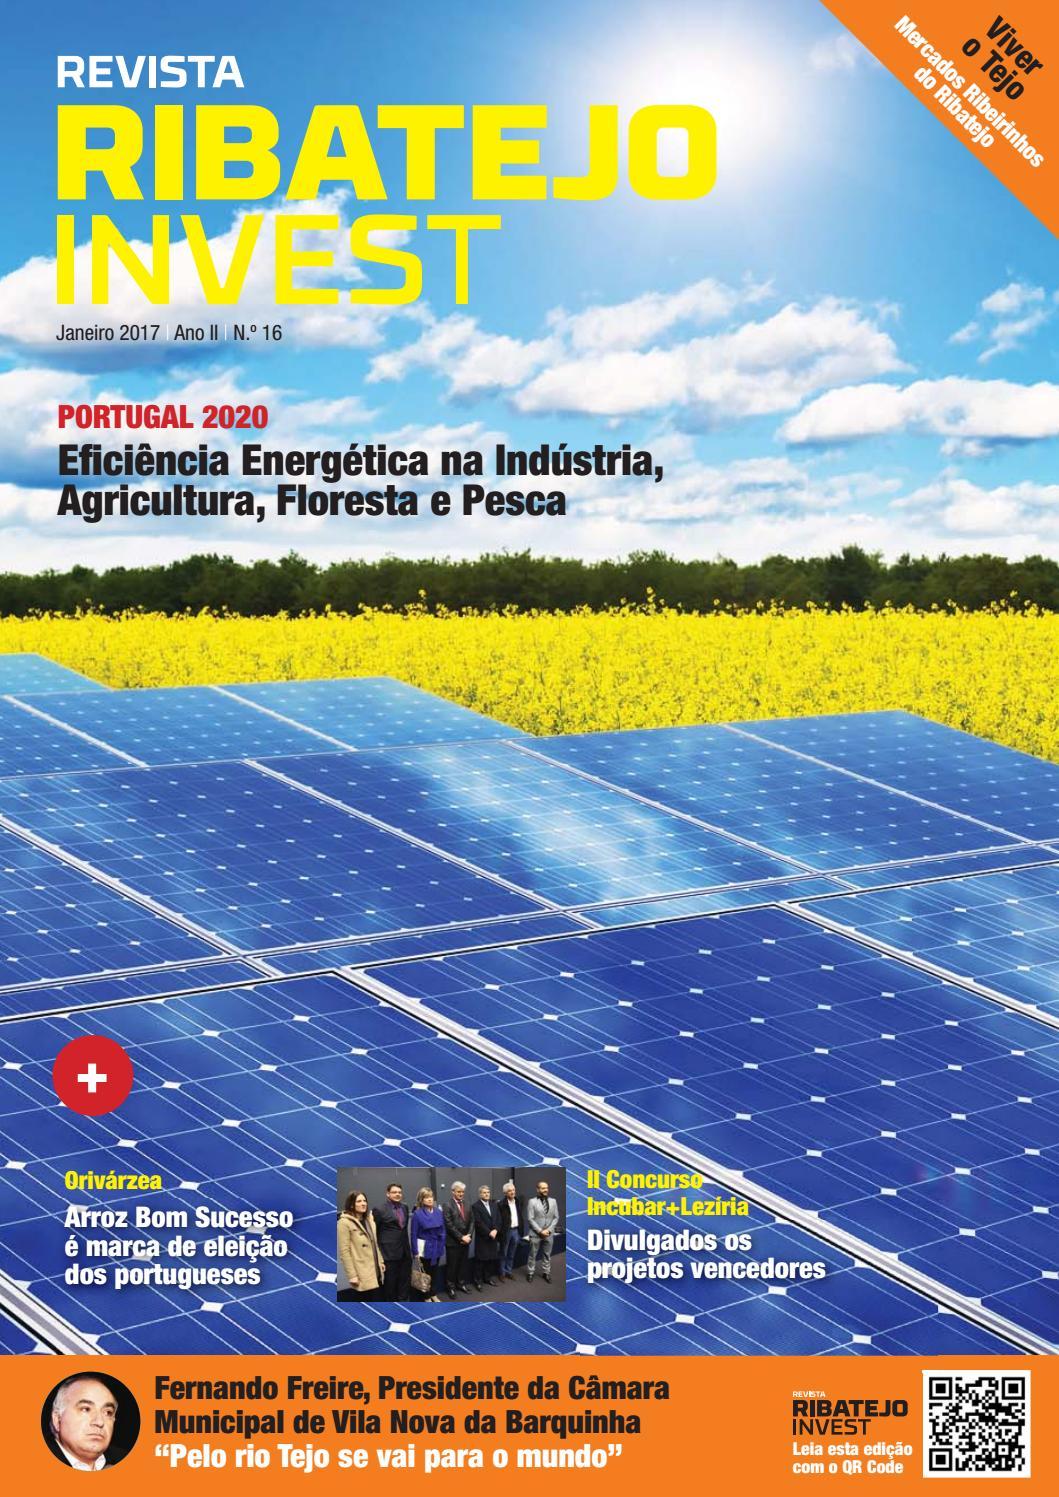 Revista Ribatejo Invest   janeiro 2017 by NERSANT Associação Empresarial -  issuu a88bfbf142e16